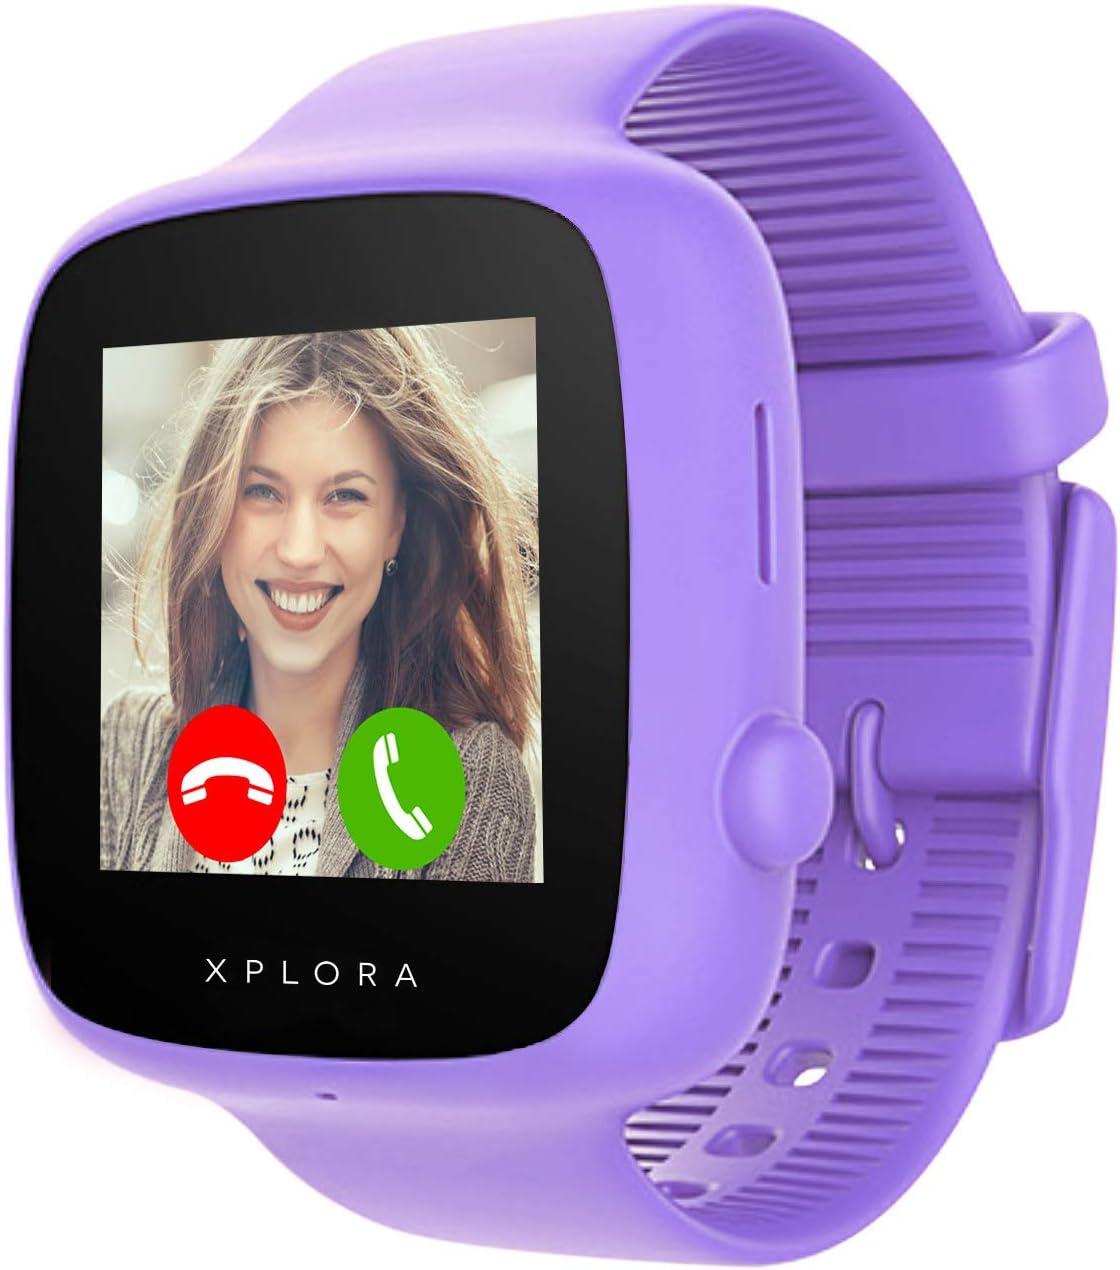 XPLORA GO - Teléfono reloj para niños (SIM no incluida) - Llamadas, mensajes, modo colegio, botón SOS, localizador GPS, cámara y podómetro - Incluye 2 años de garantía (Púrpura)